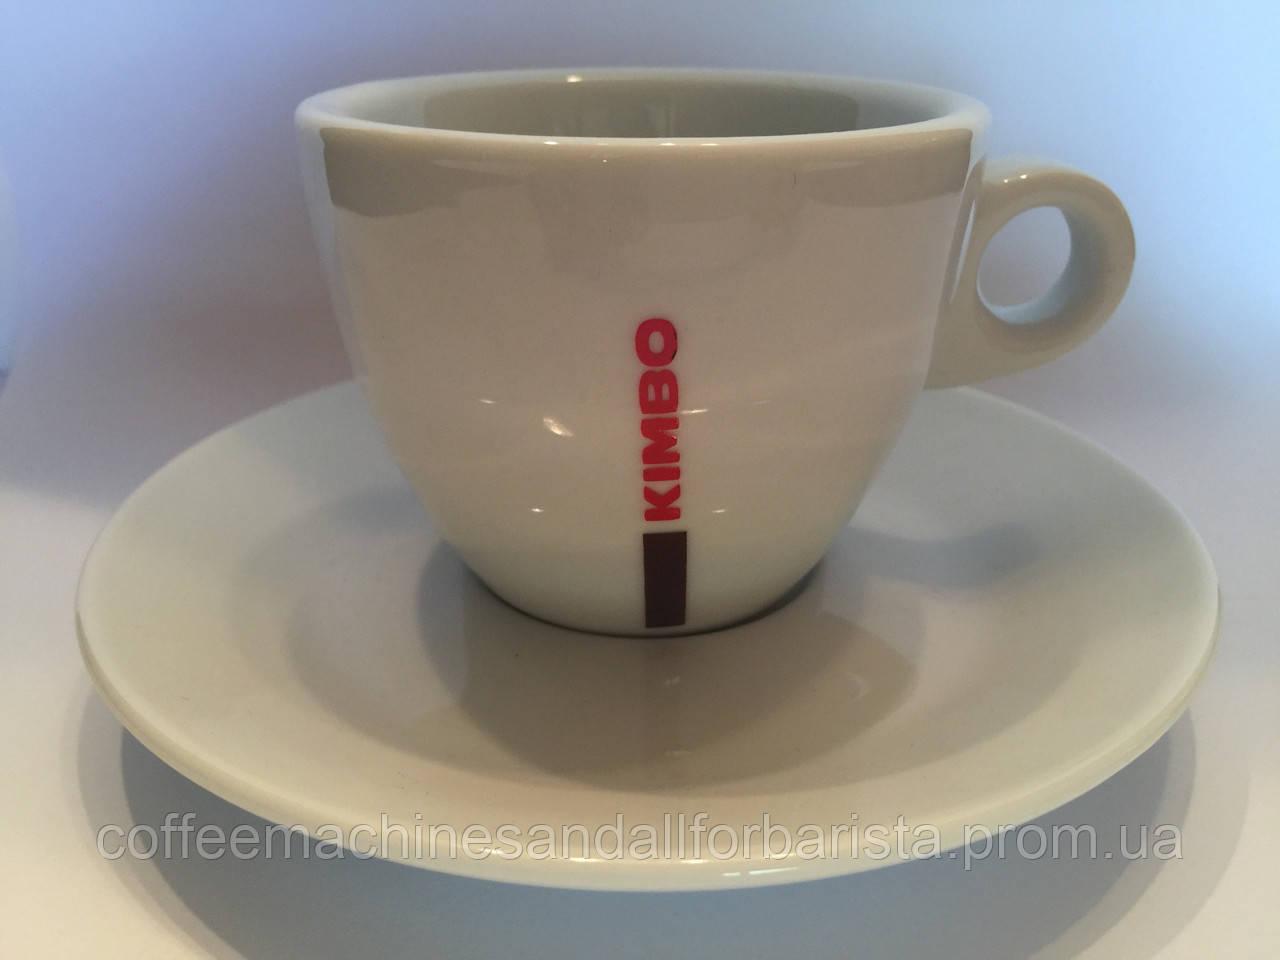 Кофейный сервиз (Kimbo Cappuccino)